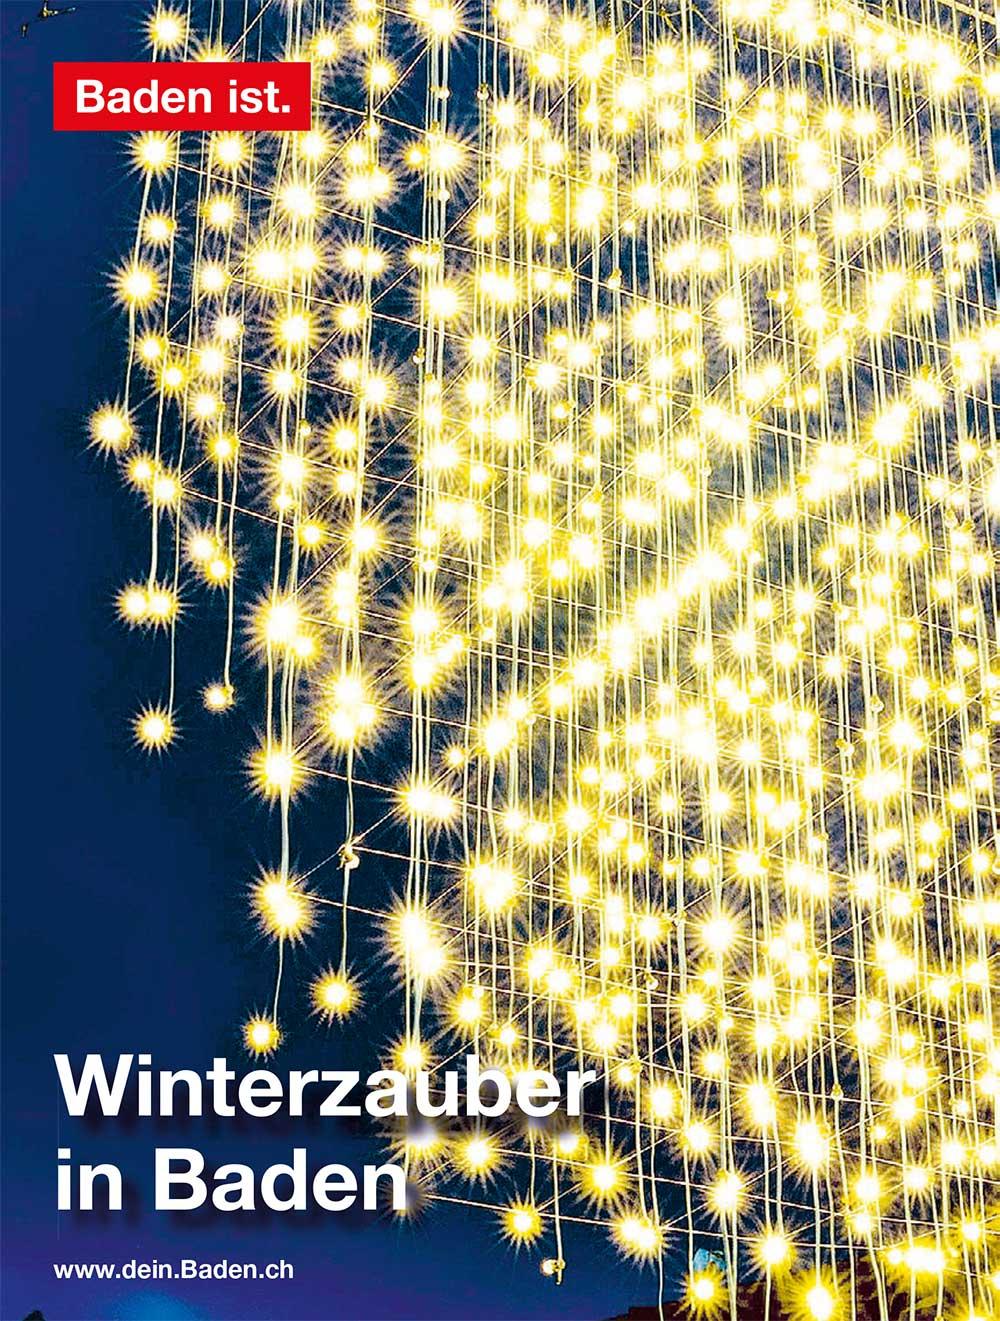 Badener Winterzauber